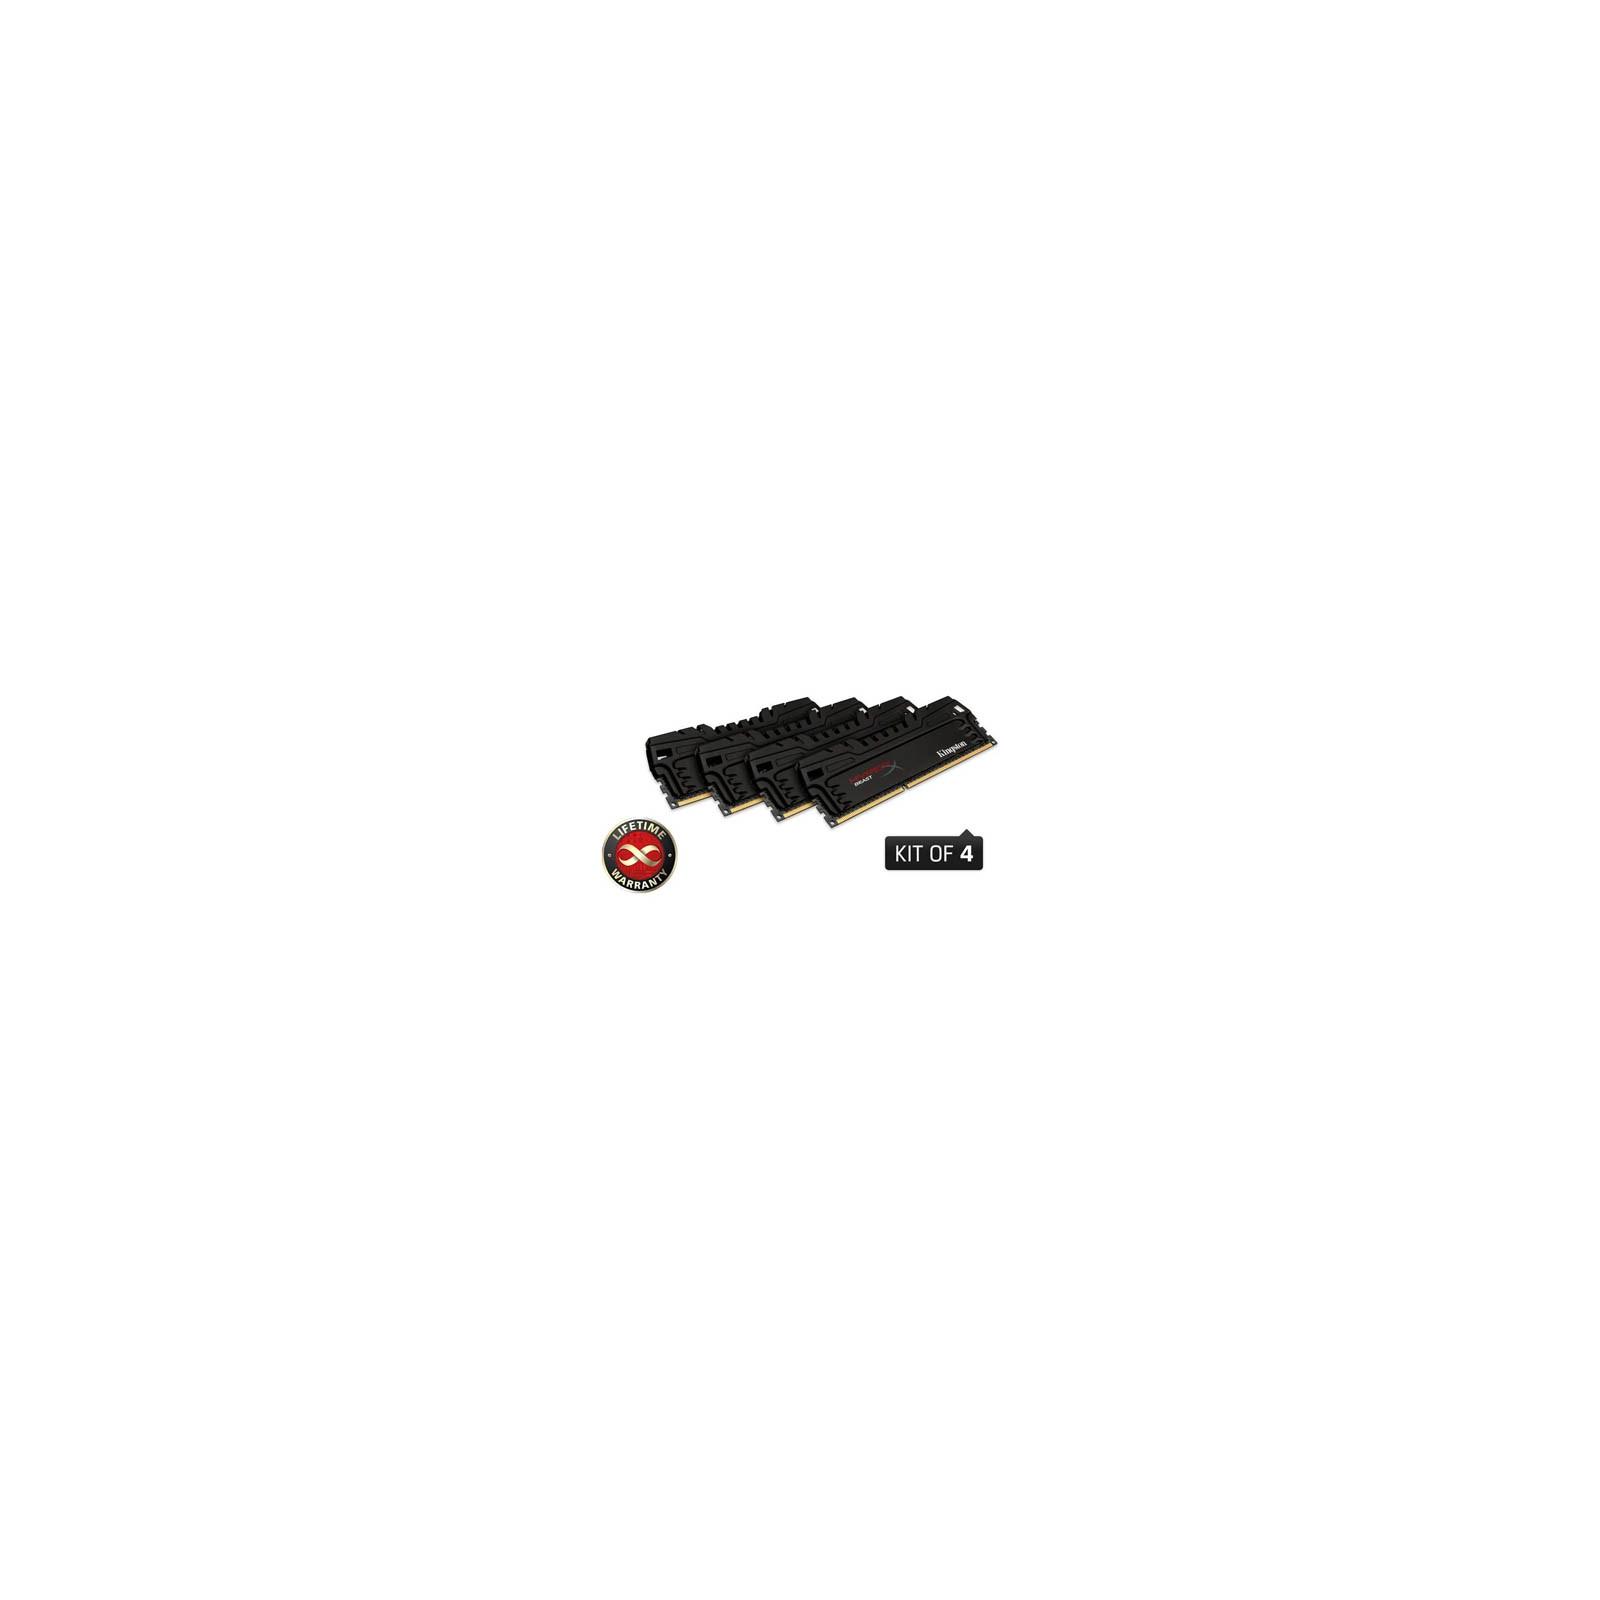 Модуль памяти для компьютера DDR3 32GB (4x8GB) 1600 MHz Kingston (KHX16C9T3K4/32X)